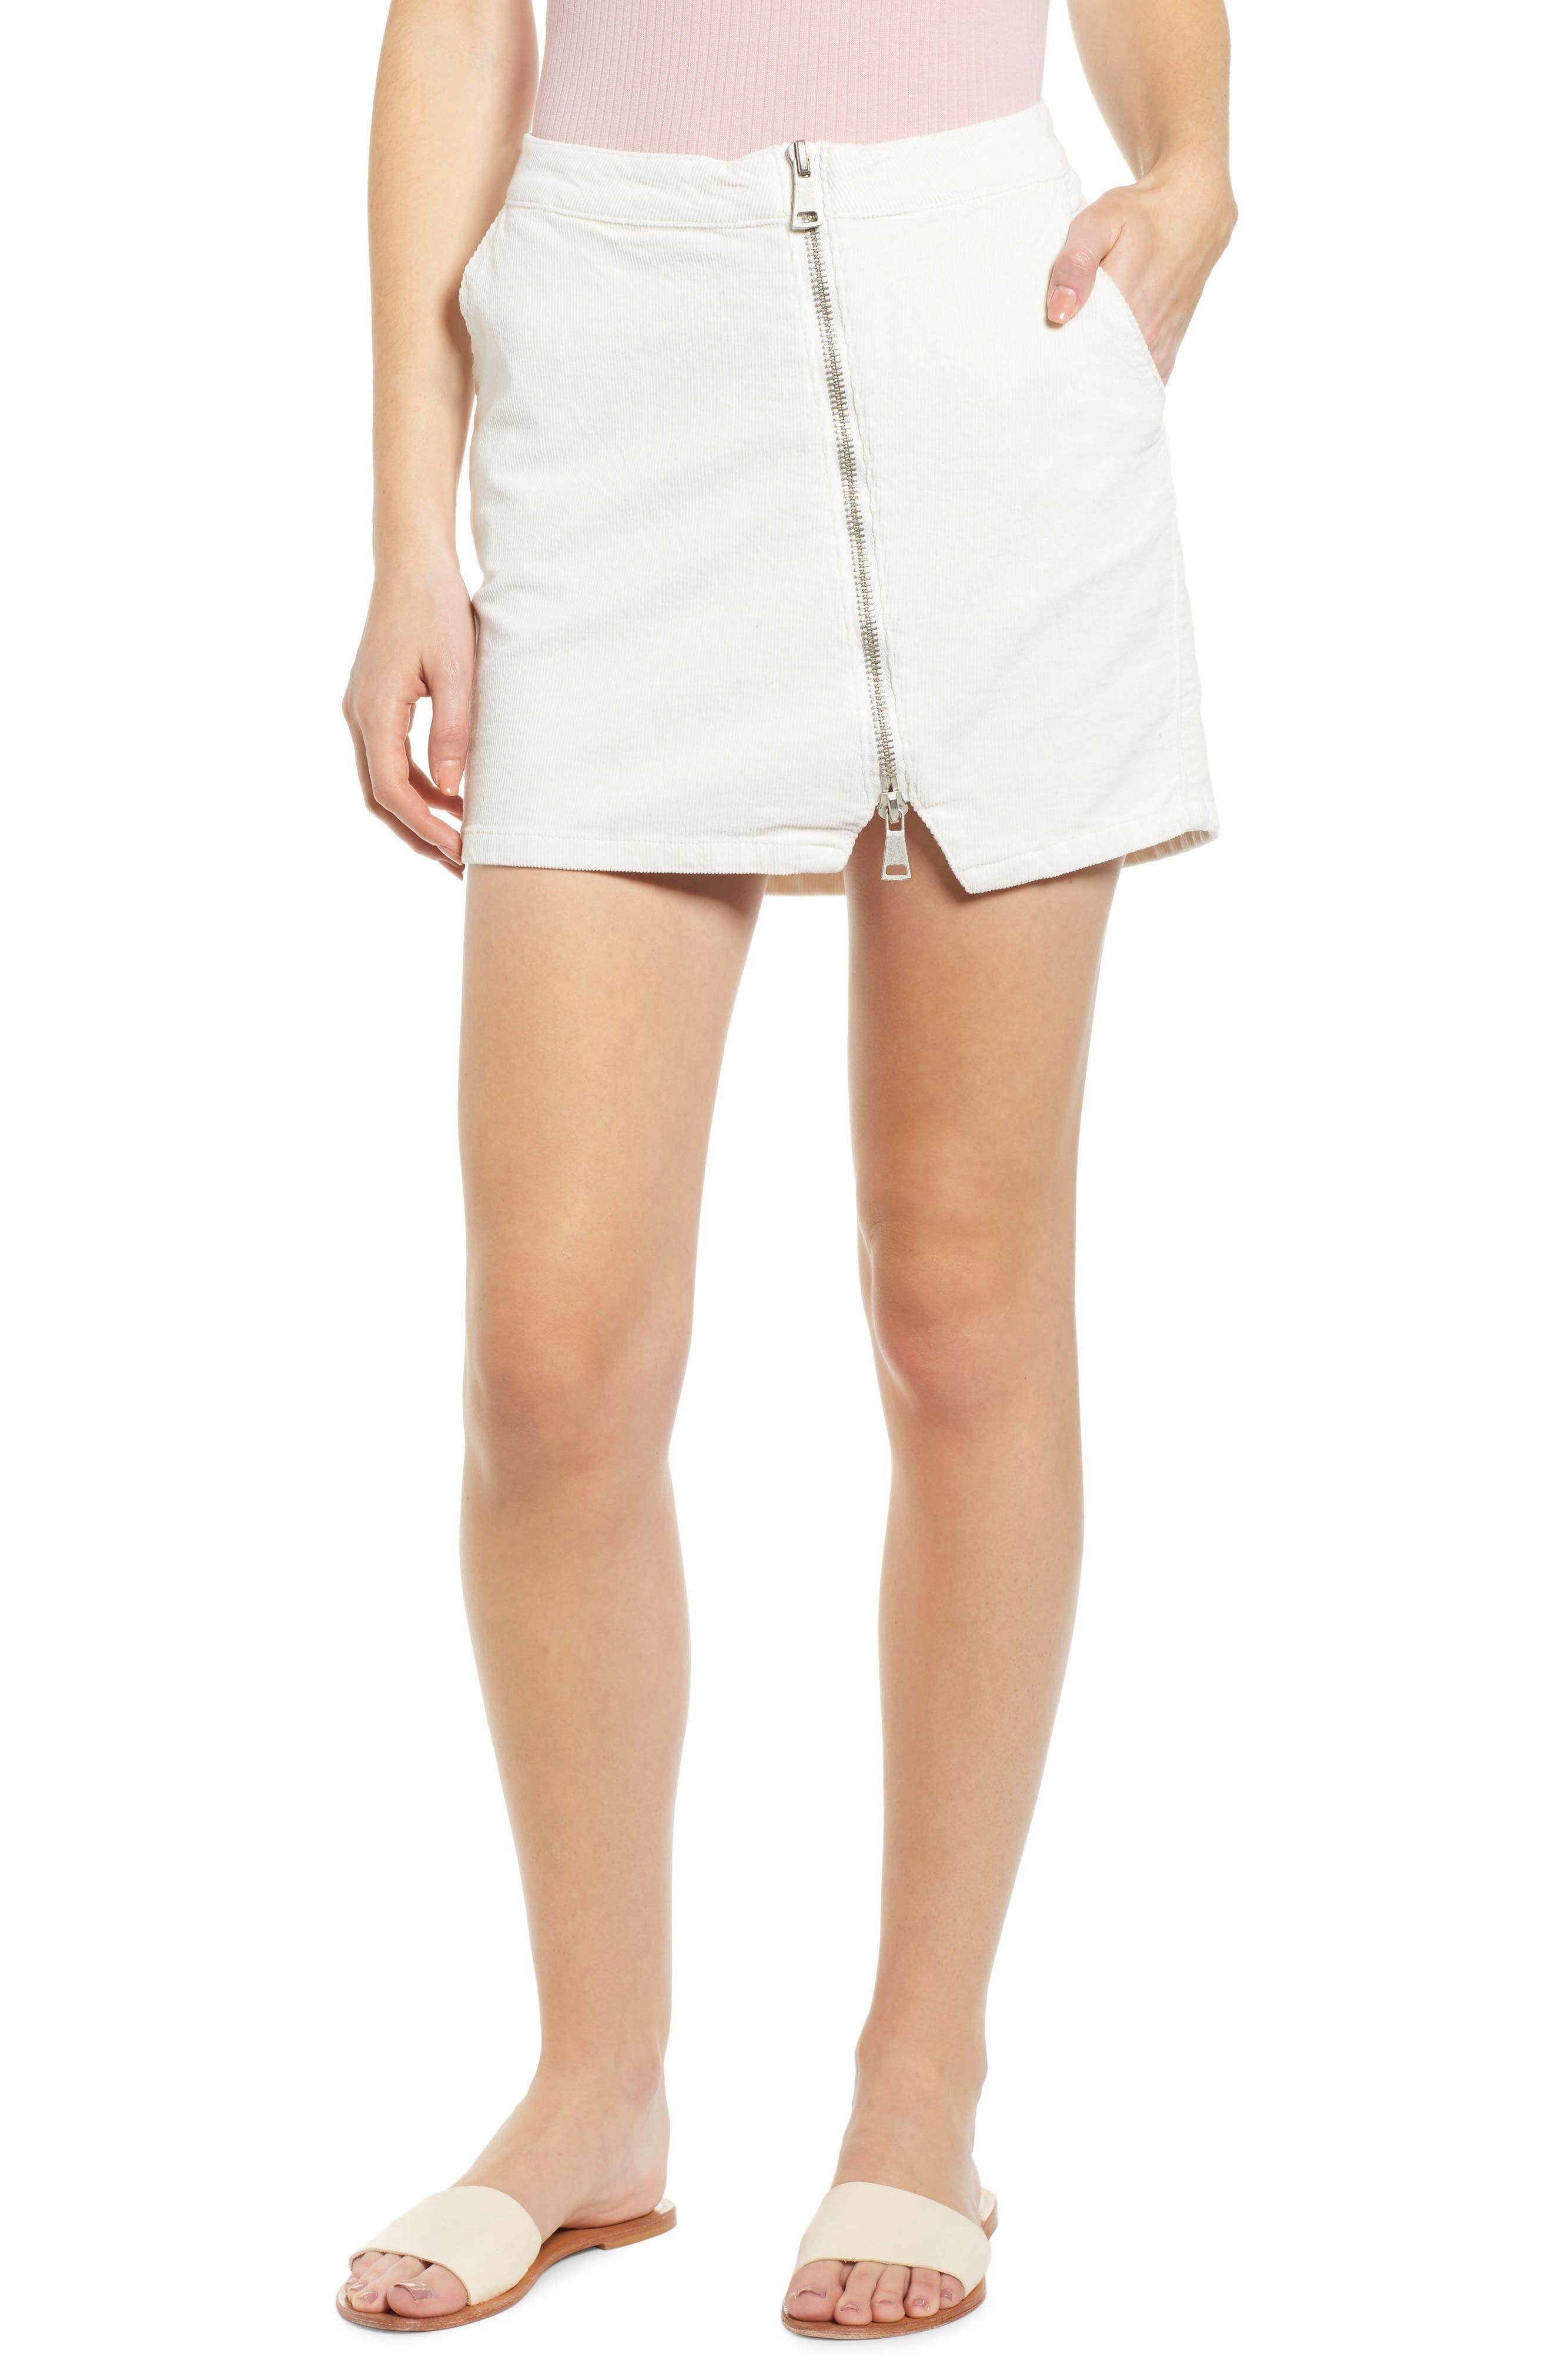 Lira Clothing Javelin Corduroy Miniskirt, Ivory